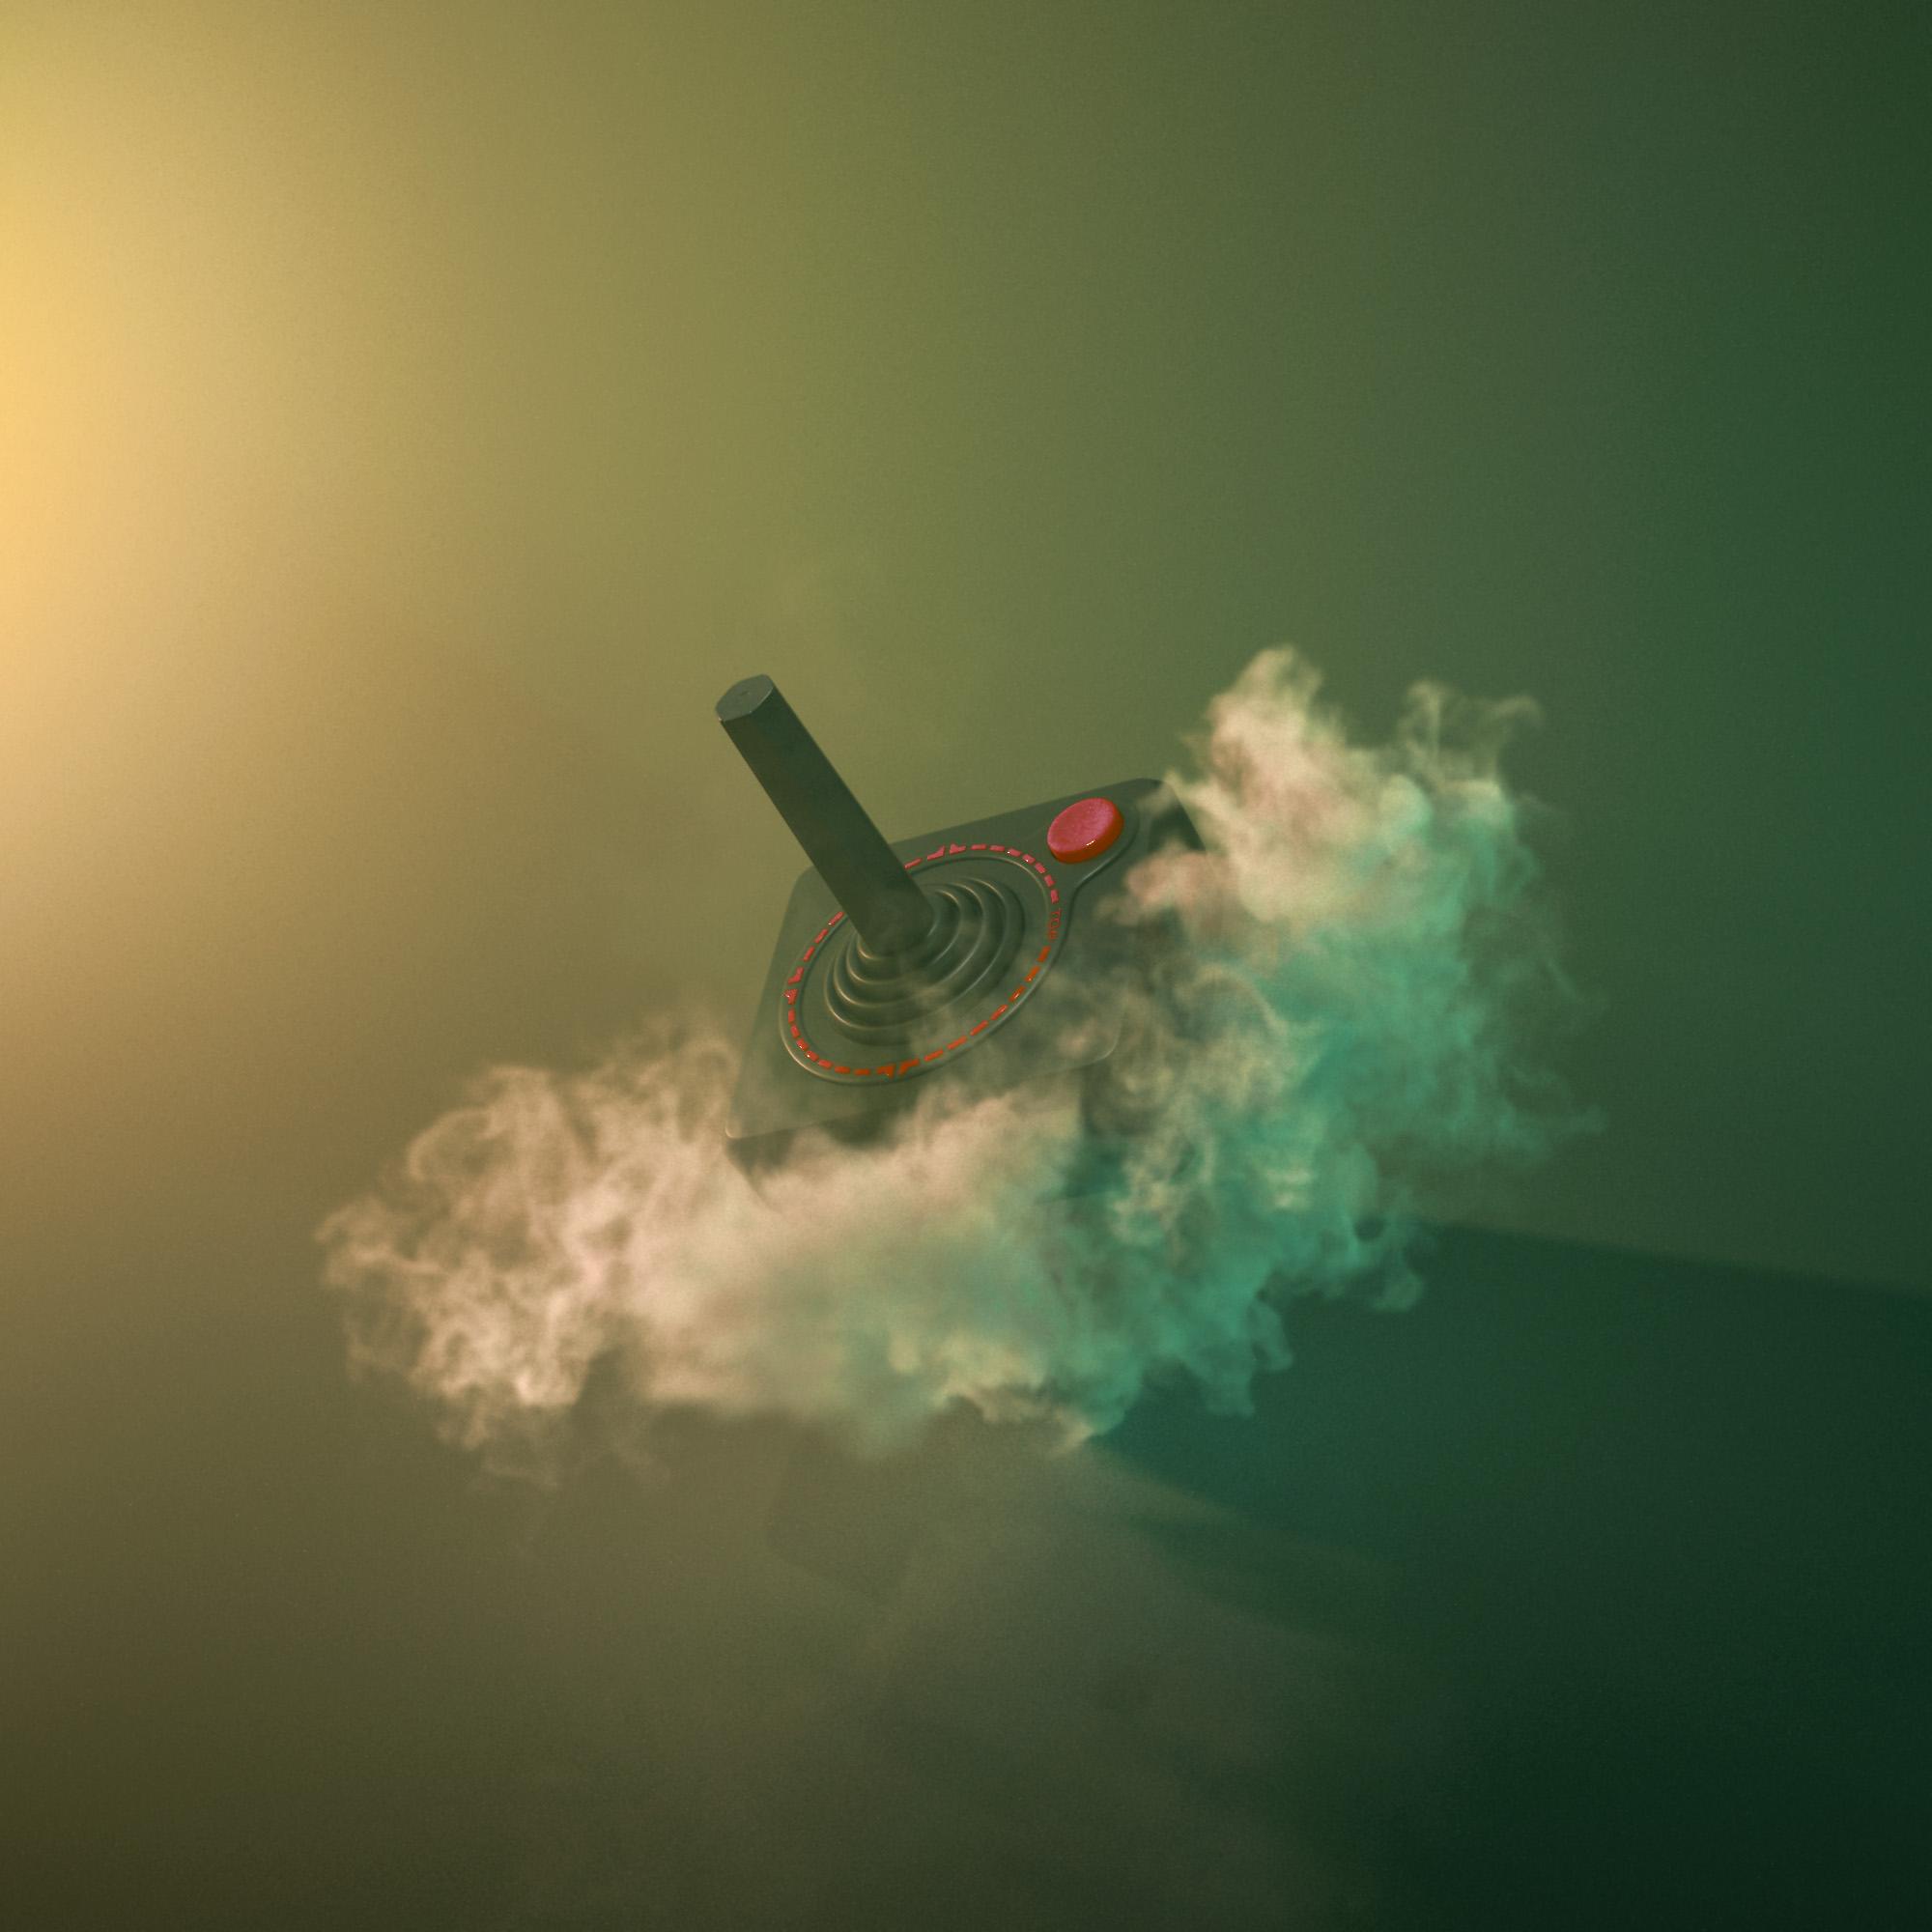 UIW_Smoke.Redshift_ROP1.0050_Via_Redshift.jpg